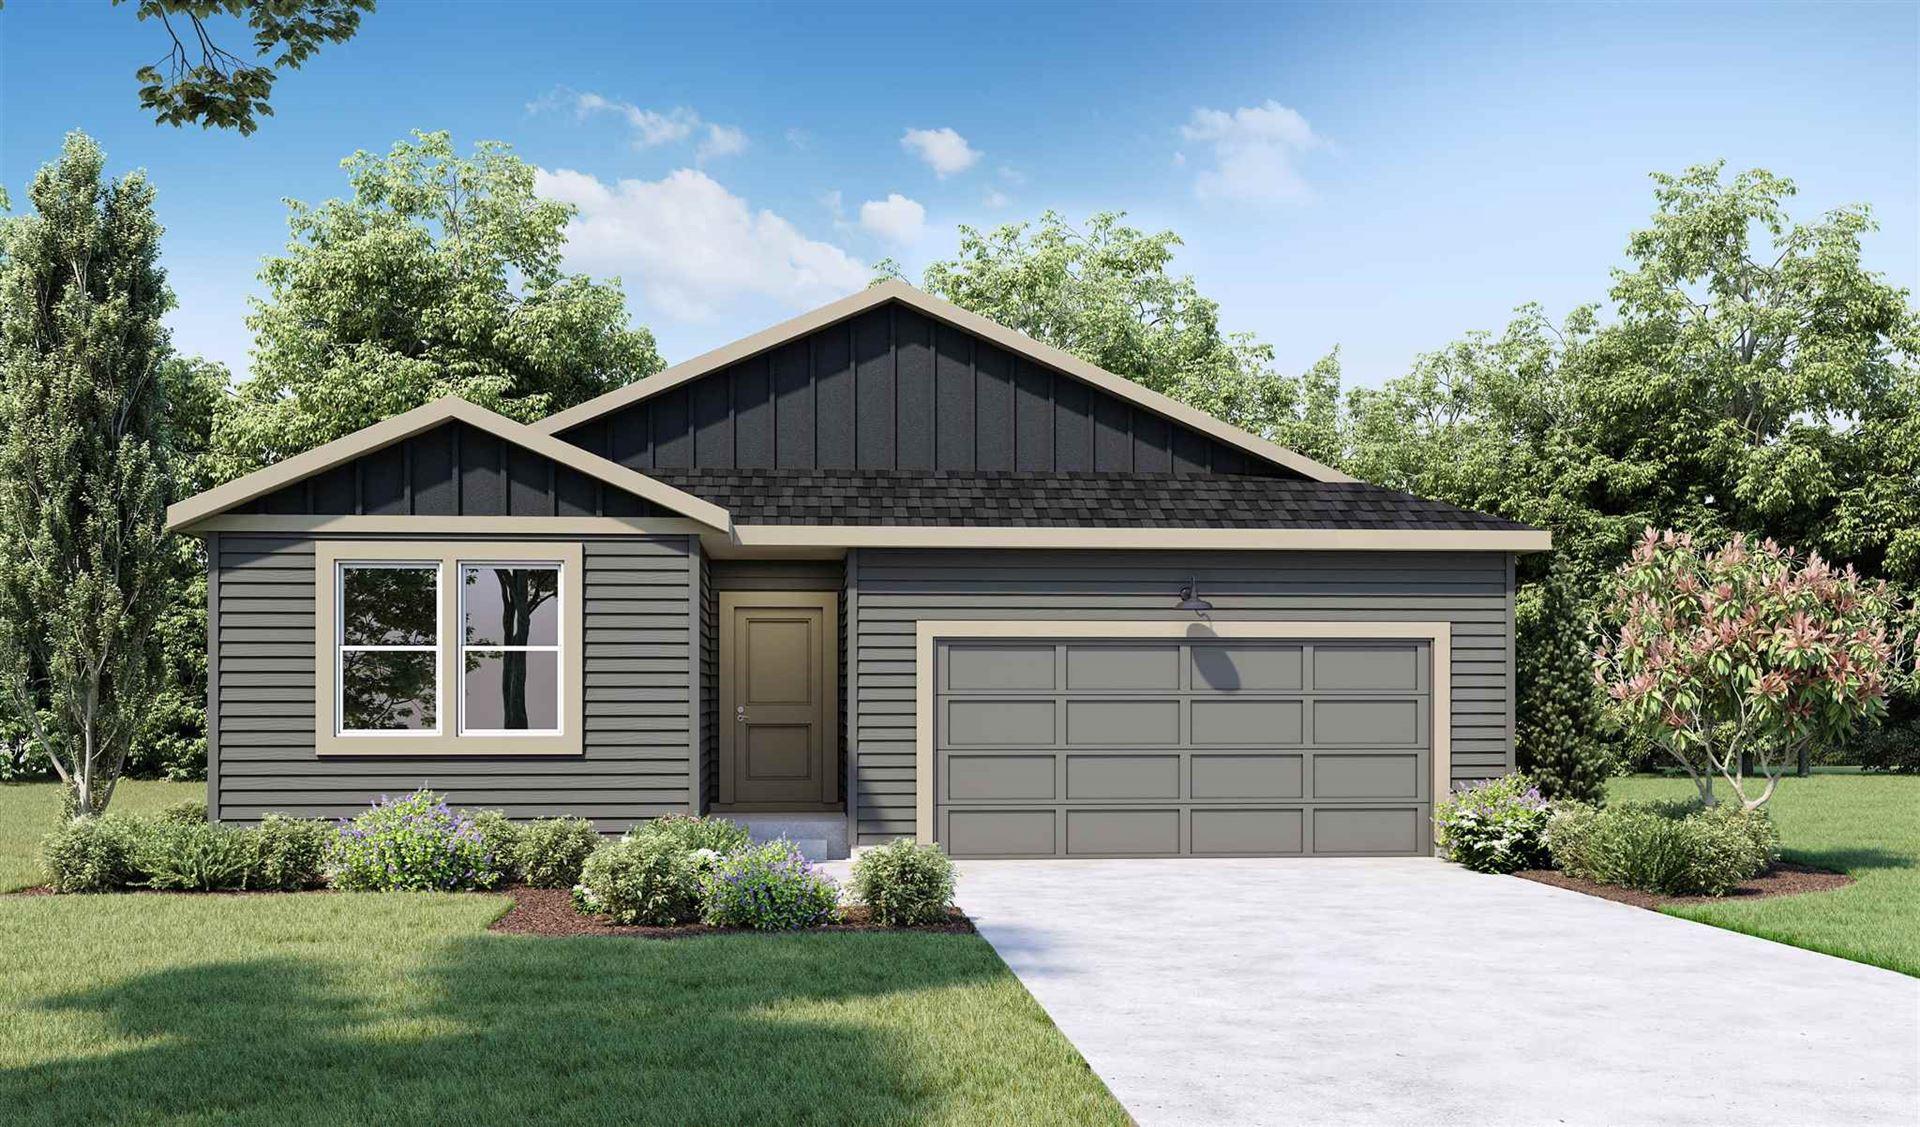 5804 W Yorktown Ln, Spokane, WA 99208 - #: 202116309